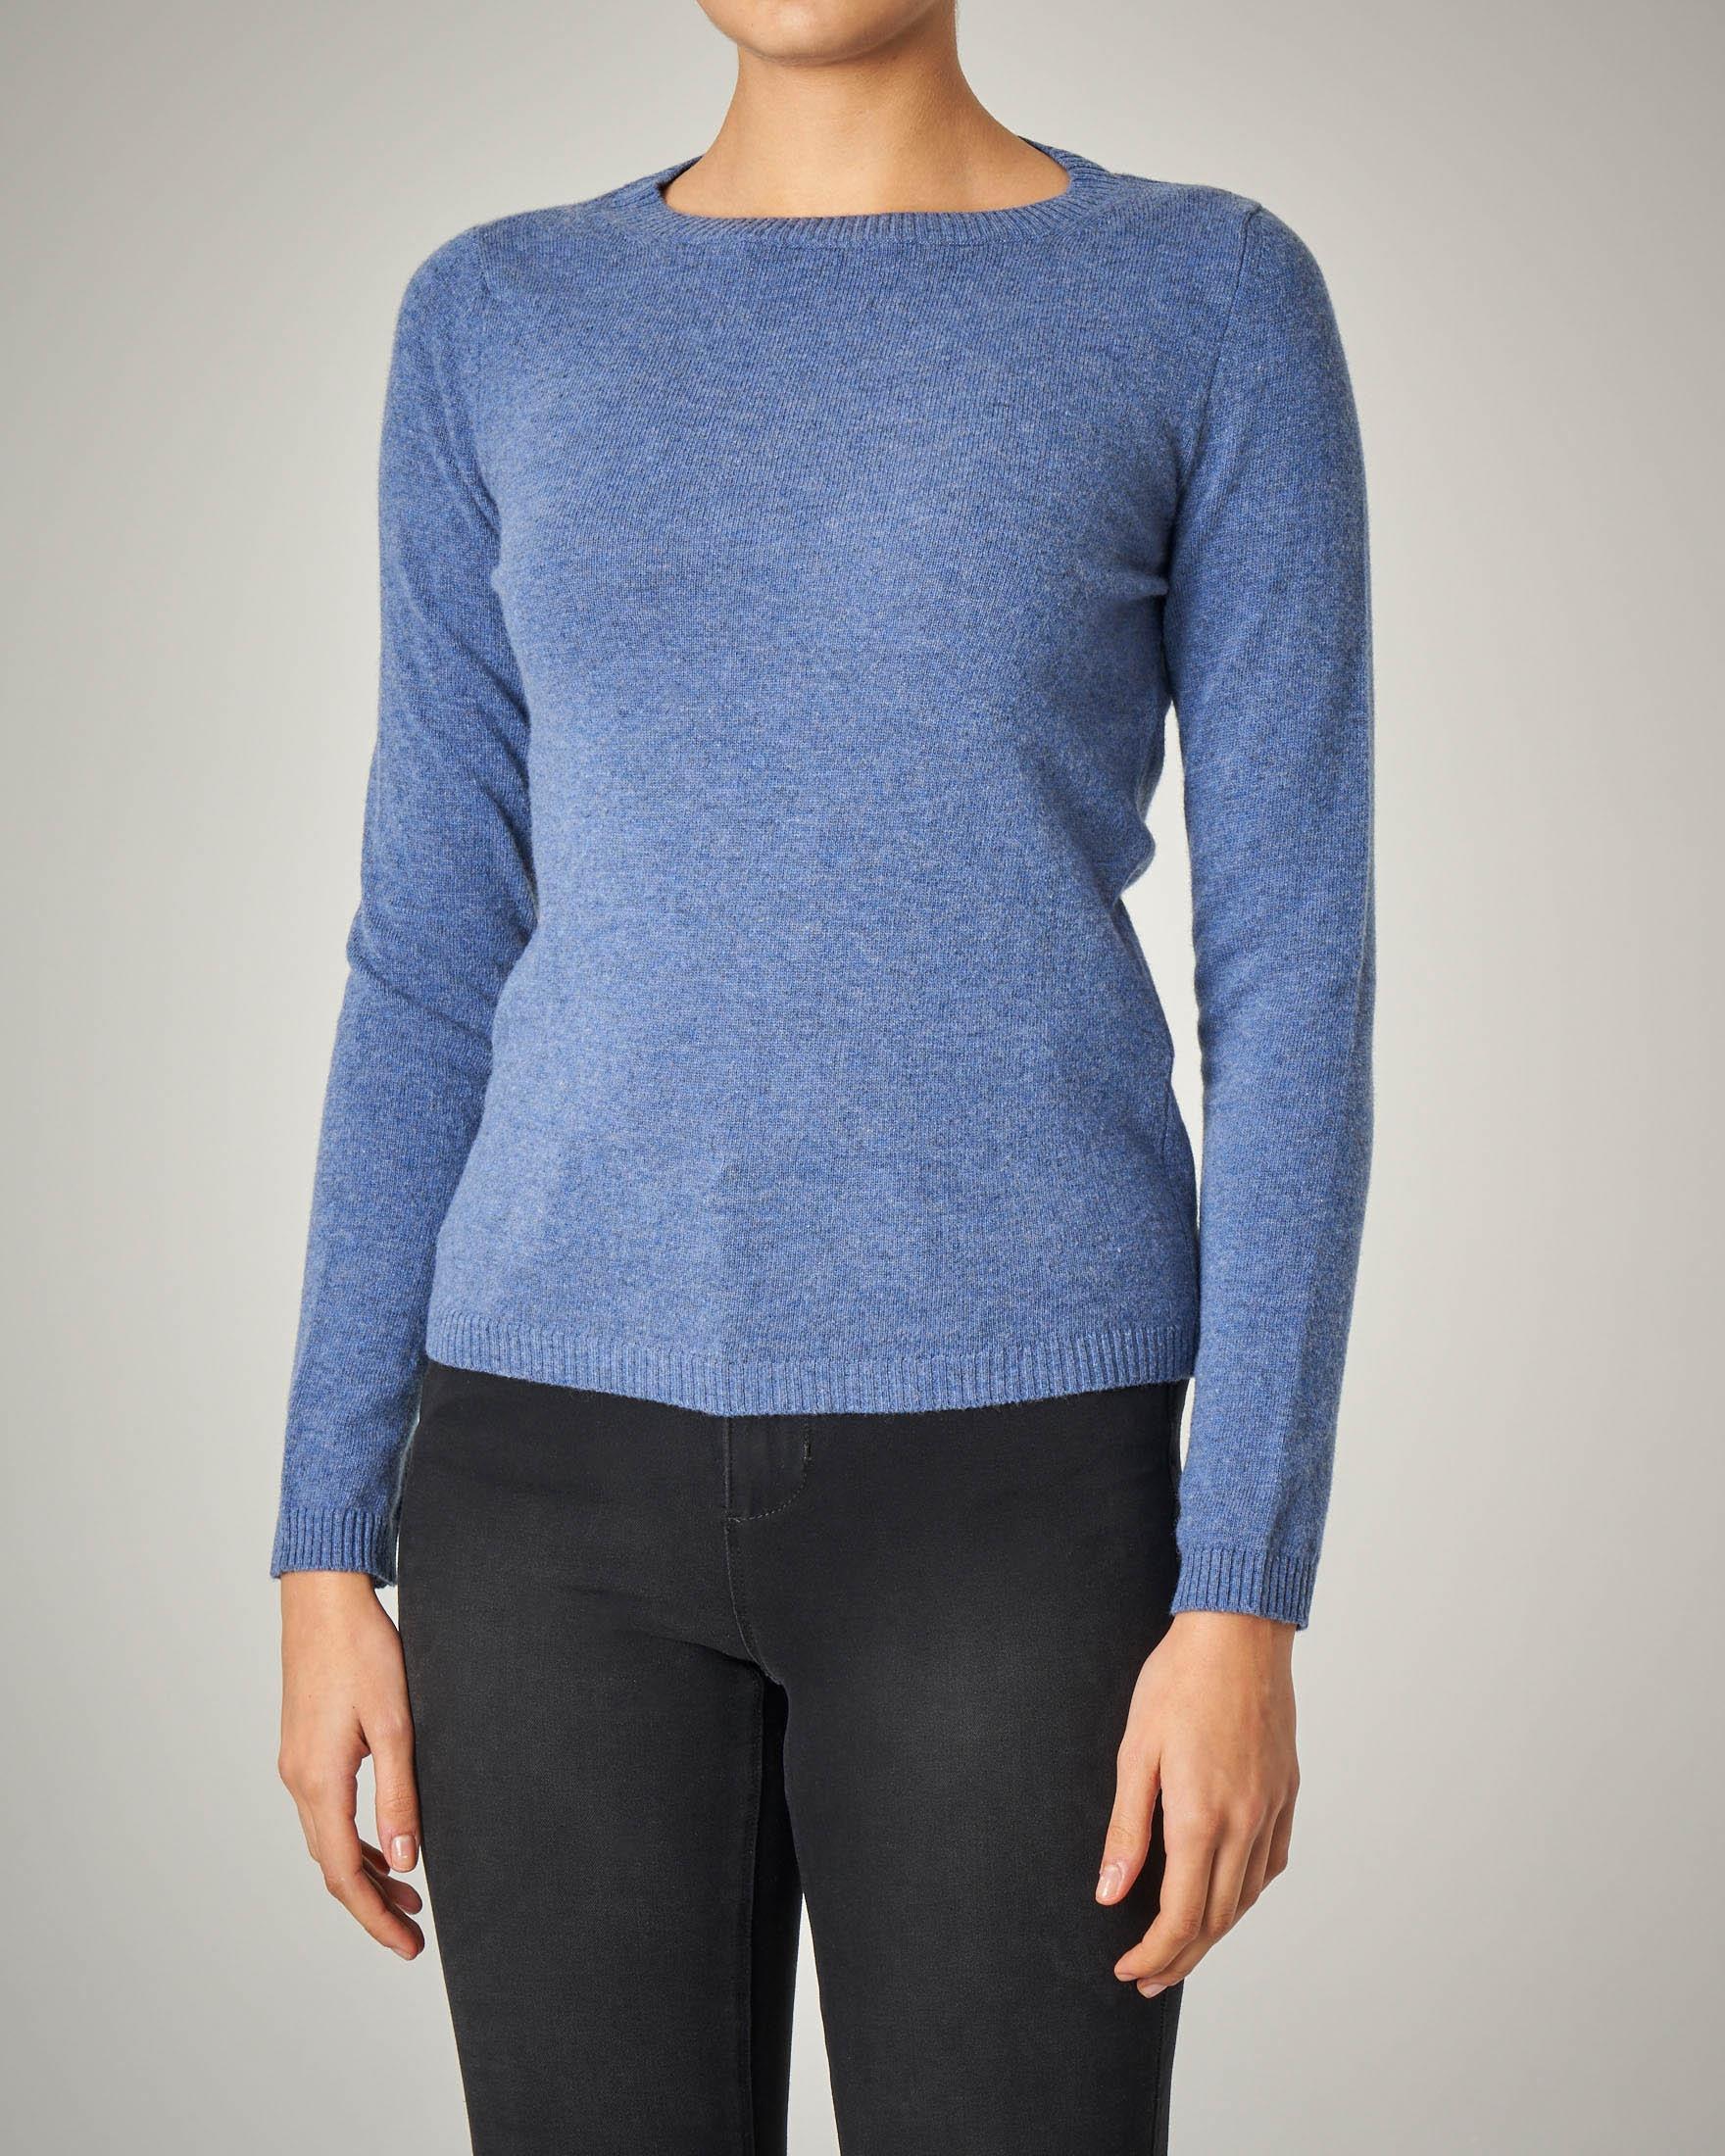 Maglia color avio girocollo in lana vergine